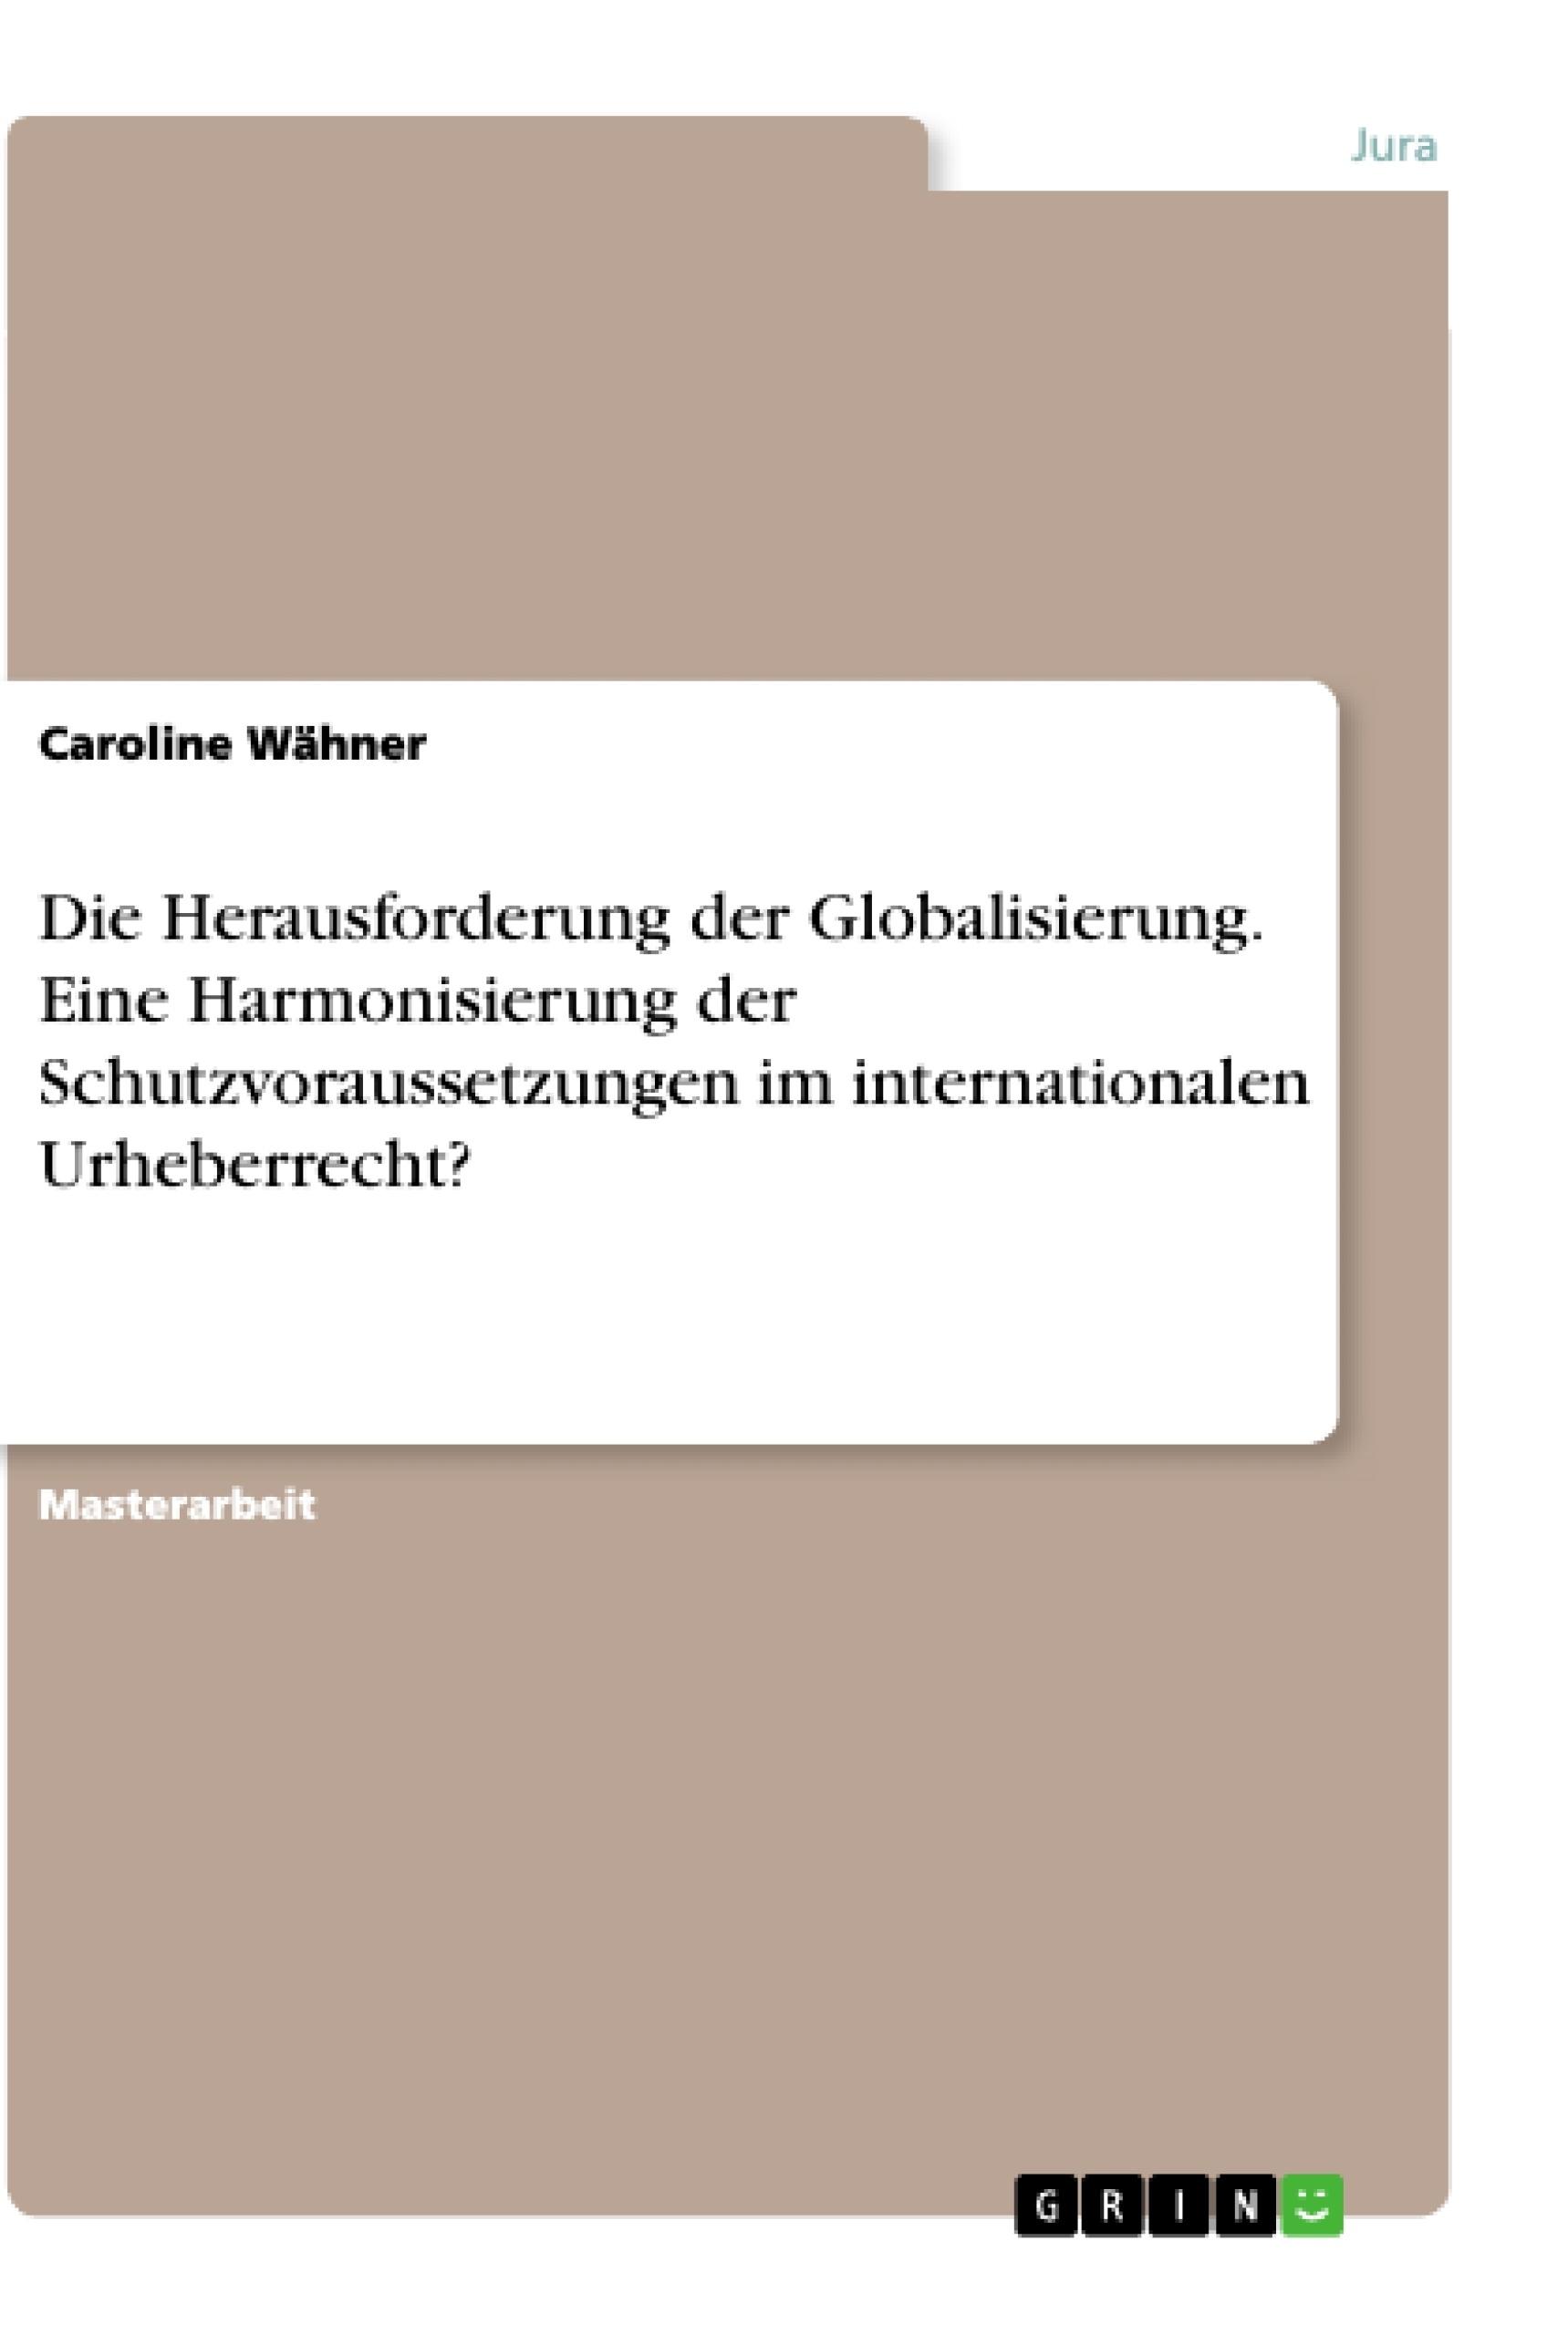 Titel: Die Herausforderung der Globalisierung. Eine Harmonisierung der Schutzvoraussetzungen im internationalen Urheberrecht?